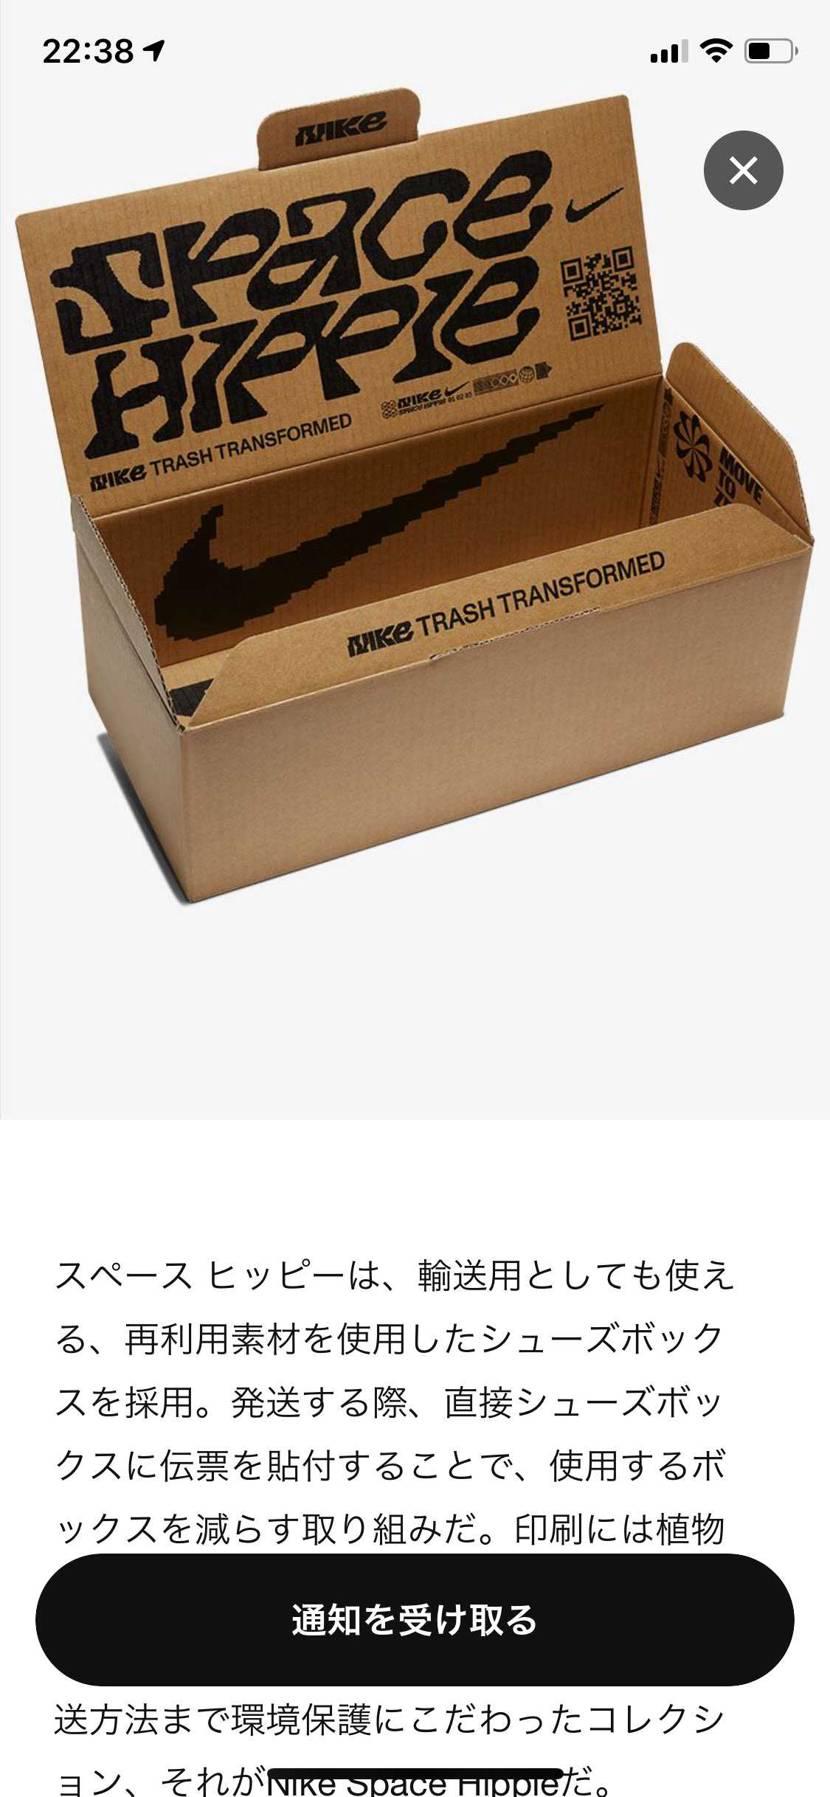 売りはしないんですが、こういった箱の場合二次流通ではどういった扱いにするのかな?